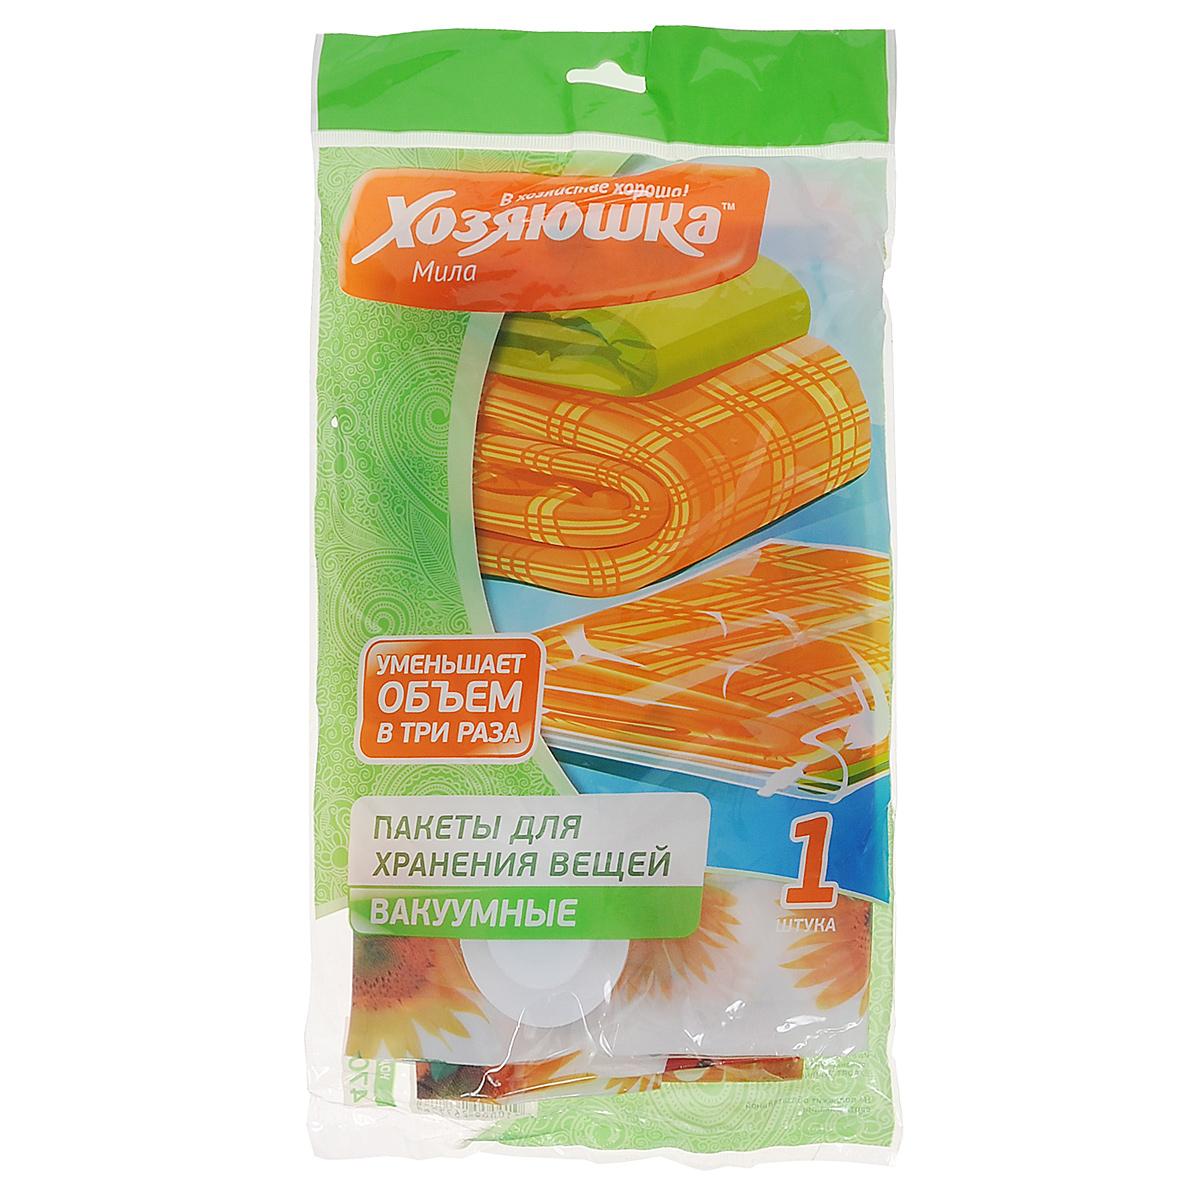 Пакет для хранения одежды Хозяюшка Мила, вакуумный, цвет: белый, оранжевый, красный, 50 см х 70 см47027_подсолнух, божья коровкаПакет Хозяюшка Мила, выполненный из полиэтилена, - это незаменимая вещь для хранения одежды из меха, кожи, шелка и других деликатных материалов. В пакете вещи защищены от пыли, посторонних запахов, солнечных лучей, насекомых. Идеально подходит для путешествий, поездок на дальние расстояния, так как не требует специальных приспособлений для откачивания воздуха: достаточно упаковать вещи в пакет, закрыть пакет зажимом вдоль замка по краю пакета (входит в комплект) и плотно свернуть. Размер: 50 см х 70 см.